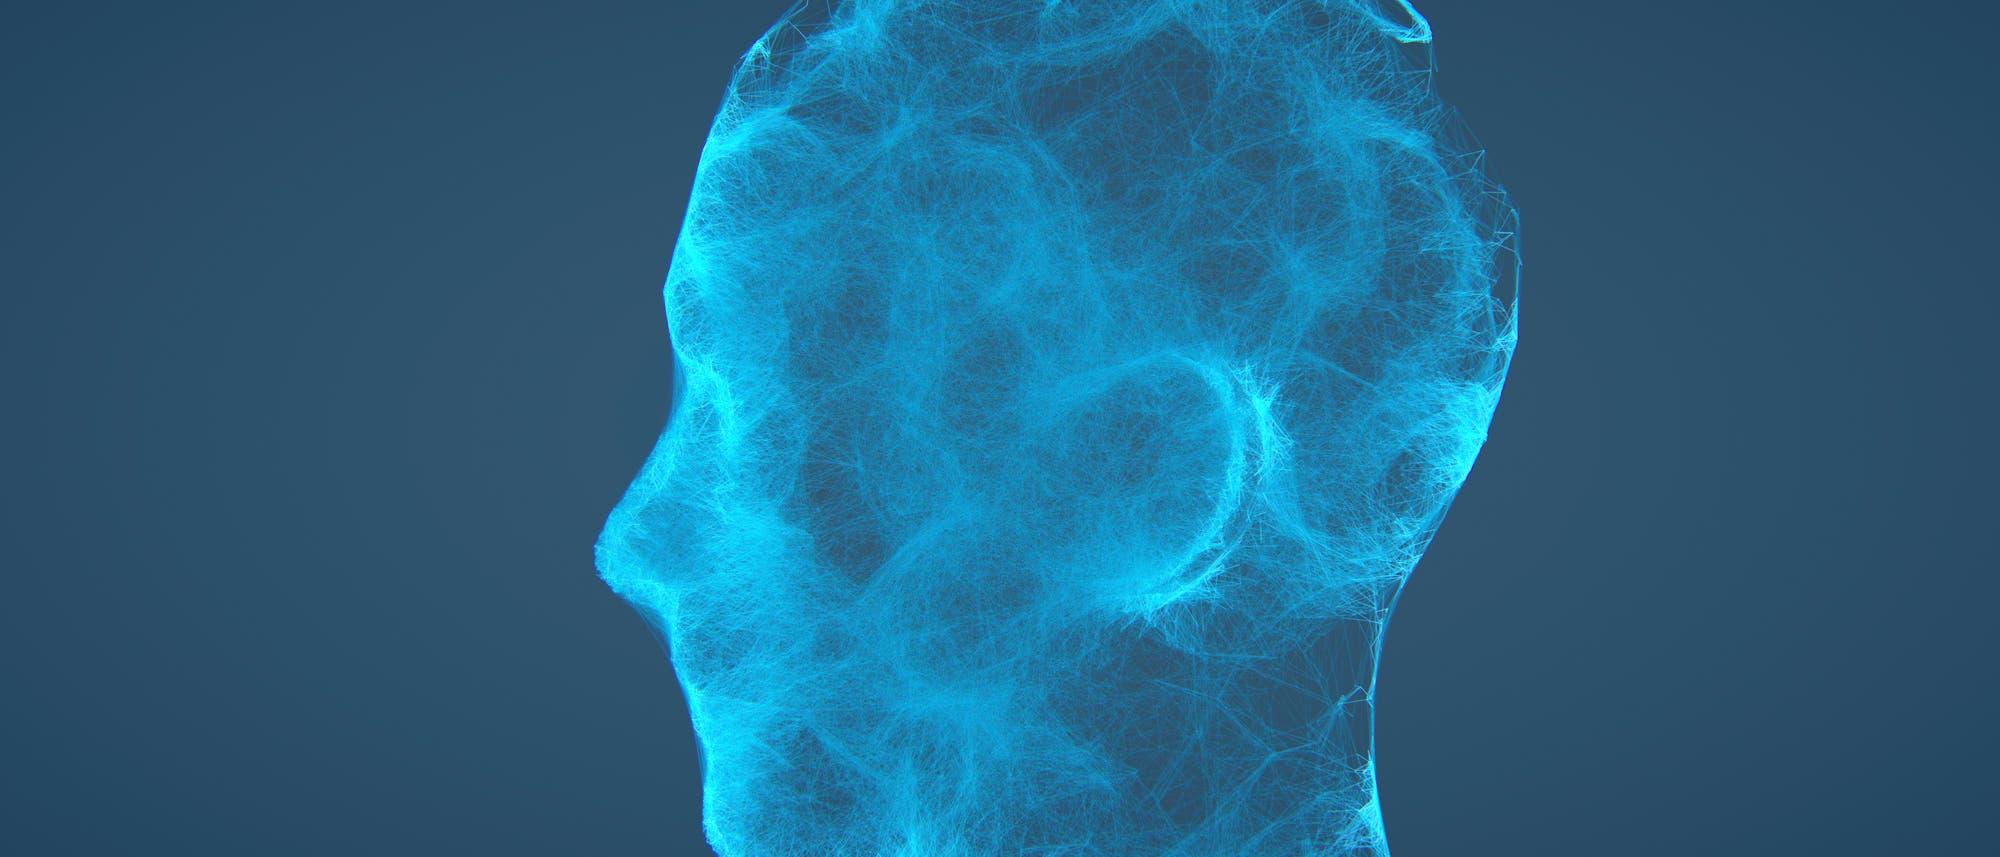 Bewusstsein. Könnten Maschinen bald auch über eine Art Geist verfügen?